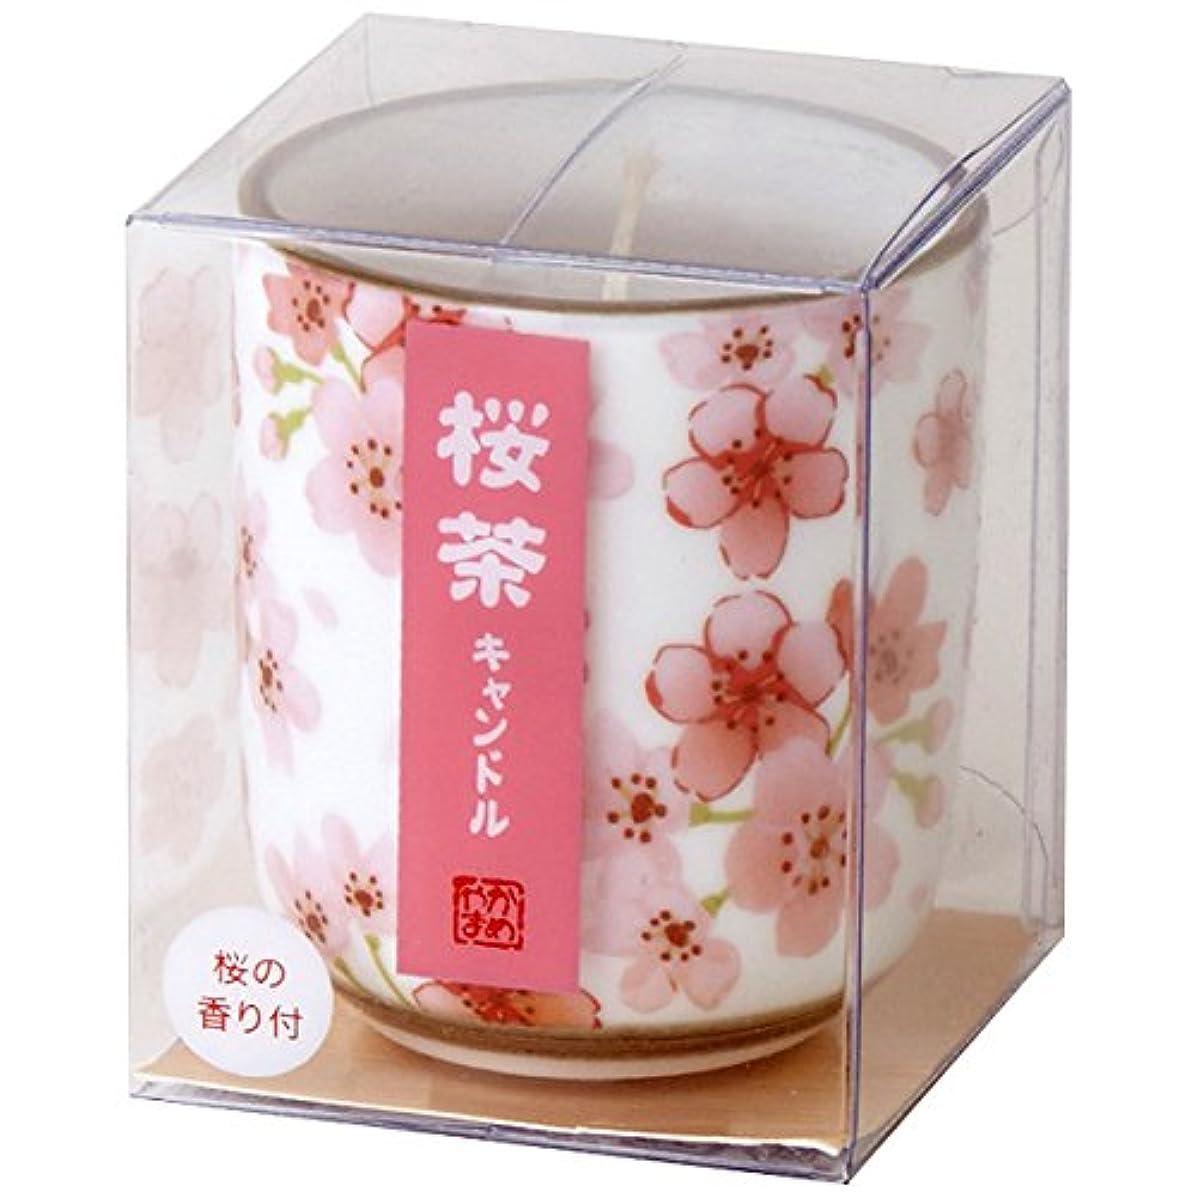 等命題の前で桜茶キャンドル(小) 86580010